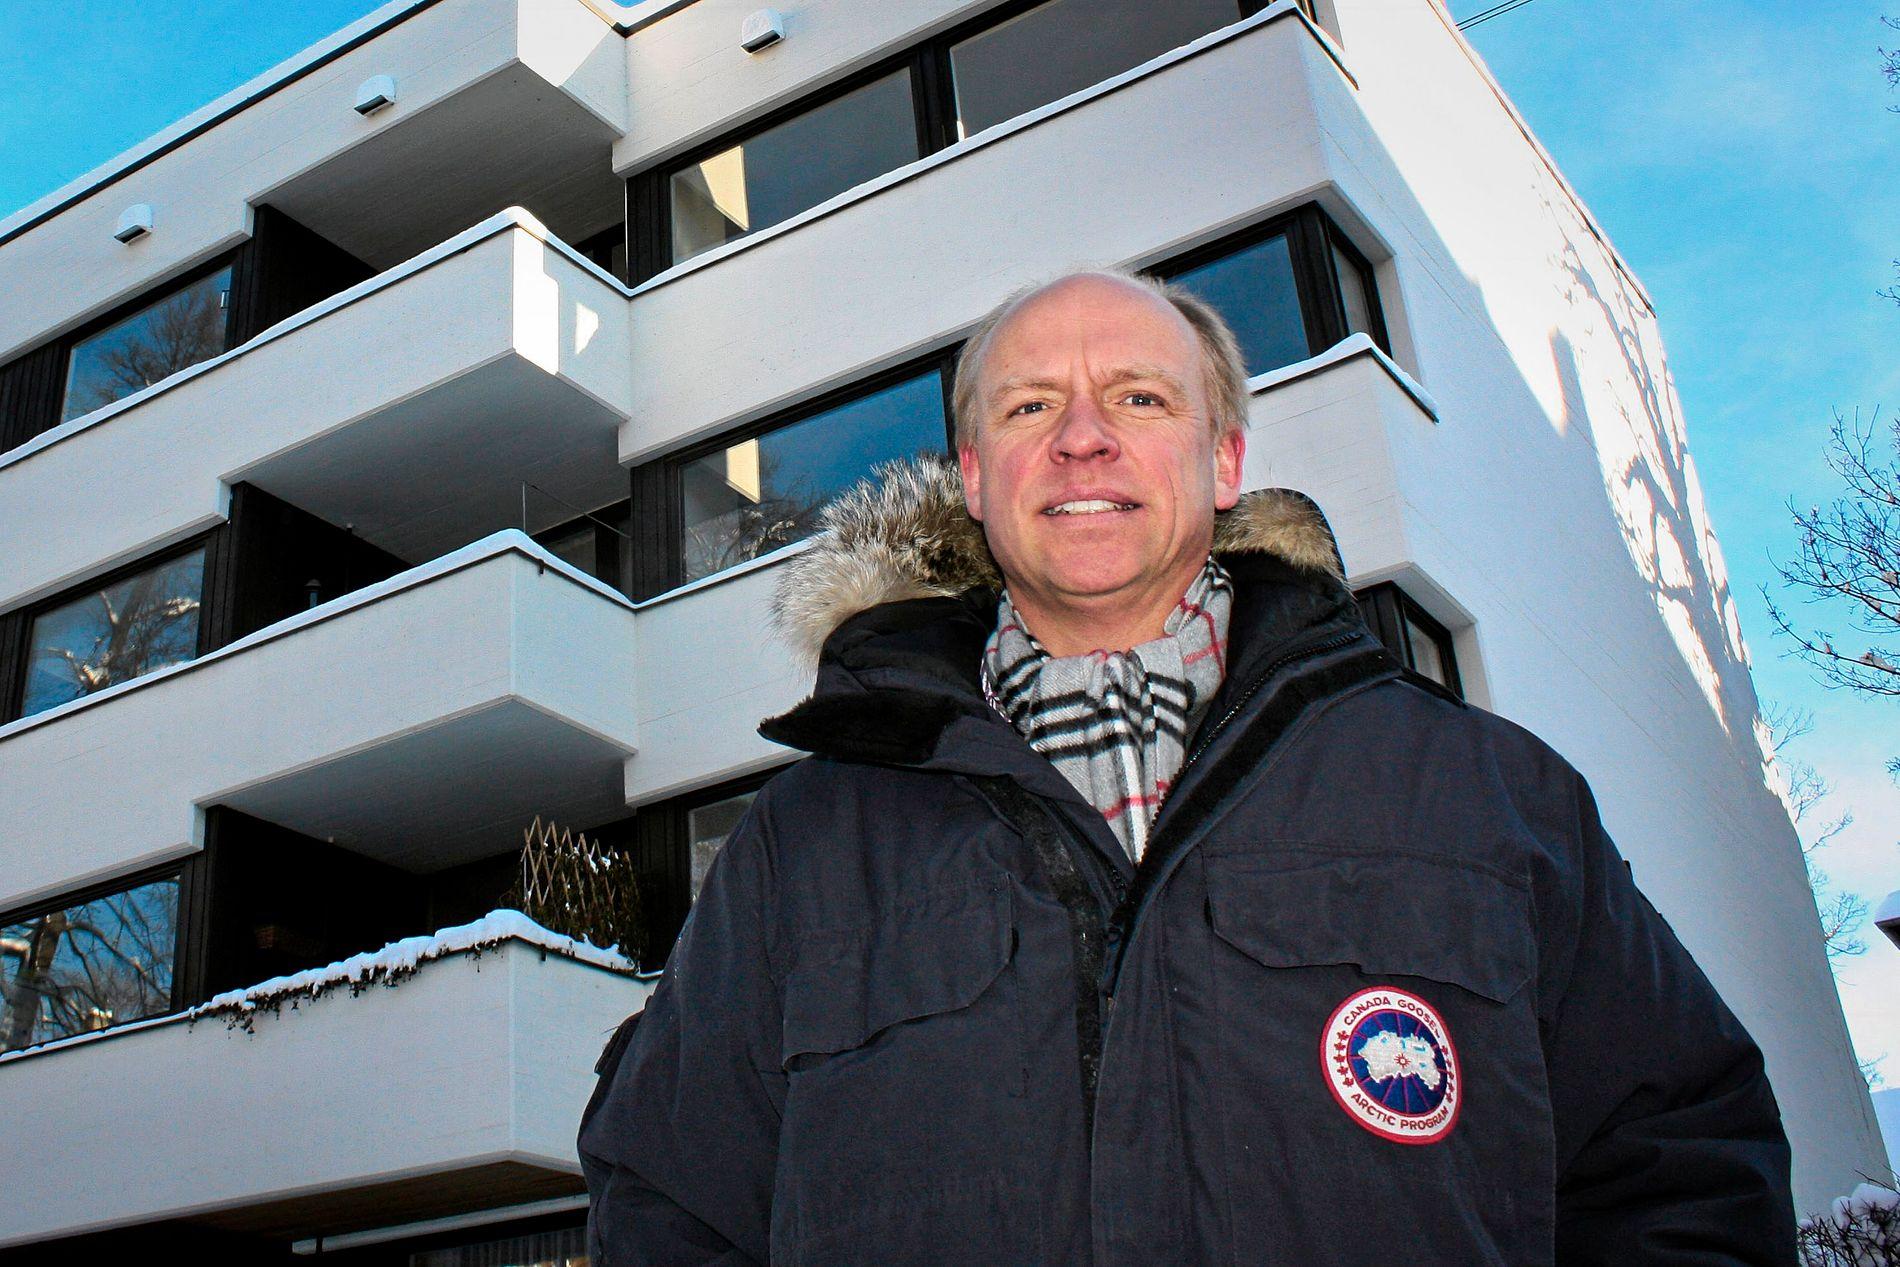 EIENDOMSINVESTOR: Tore Eiklid, her foran et bygg han eier i Frognerveien 21 i Oslo.